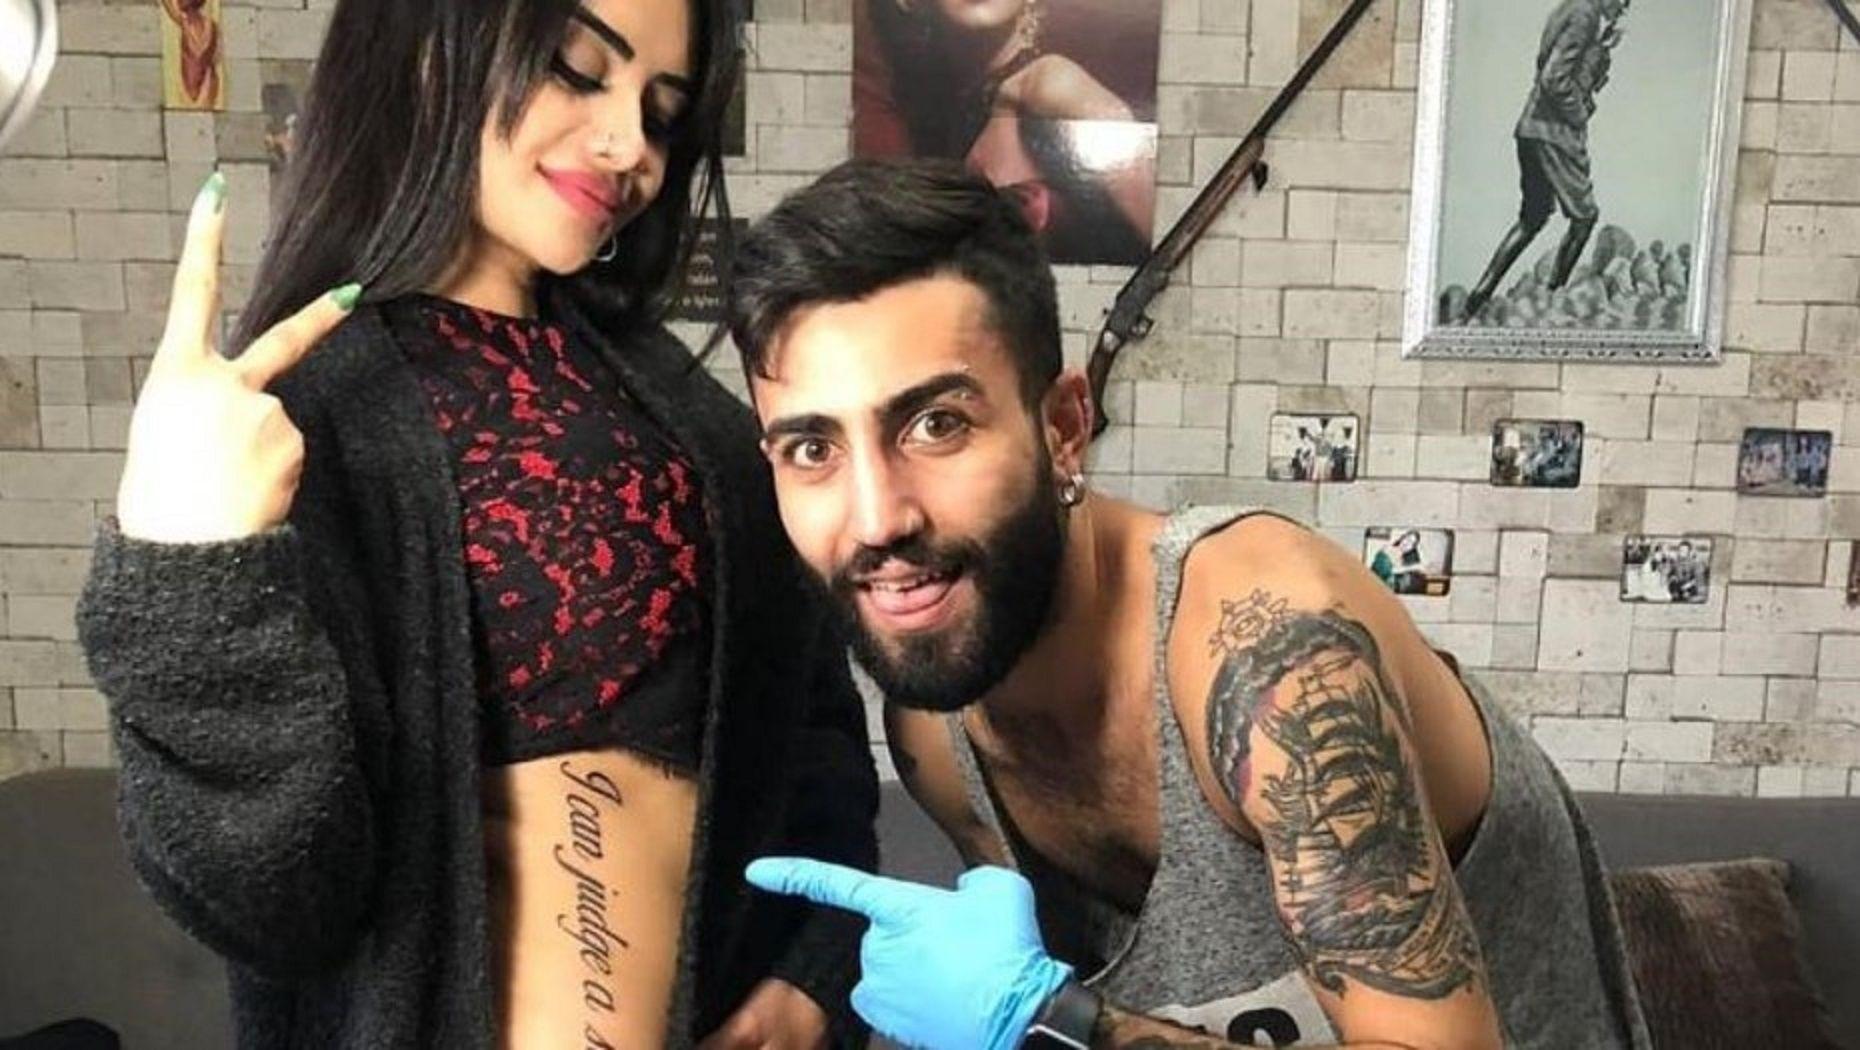 Se hizo un enorme tatuaje en inglés pero un error en la traducción la dejó en ridículo